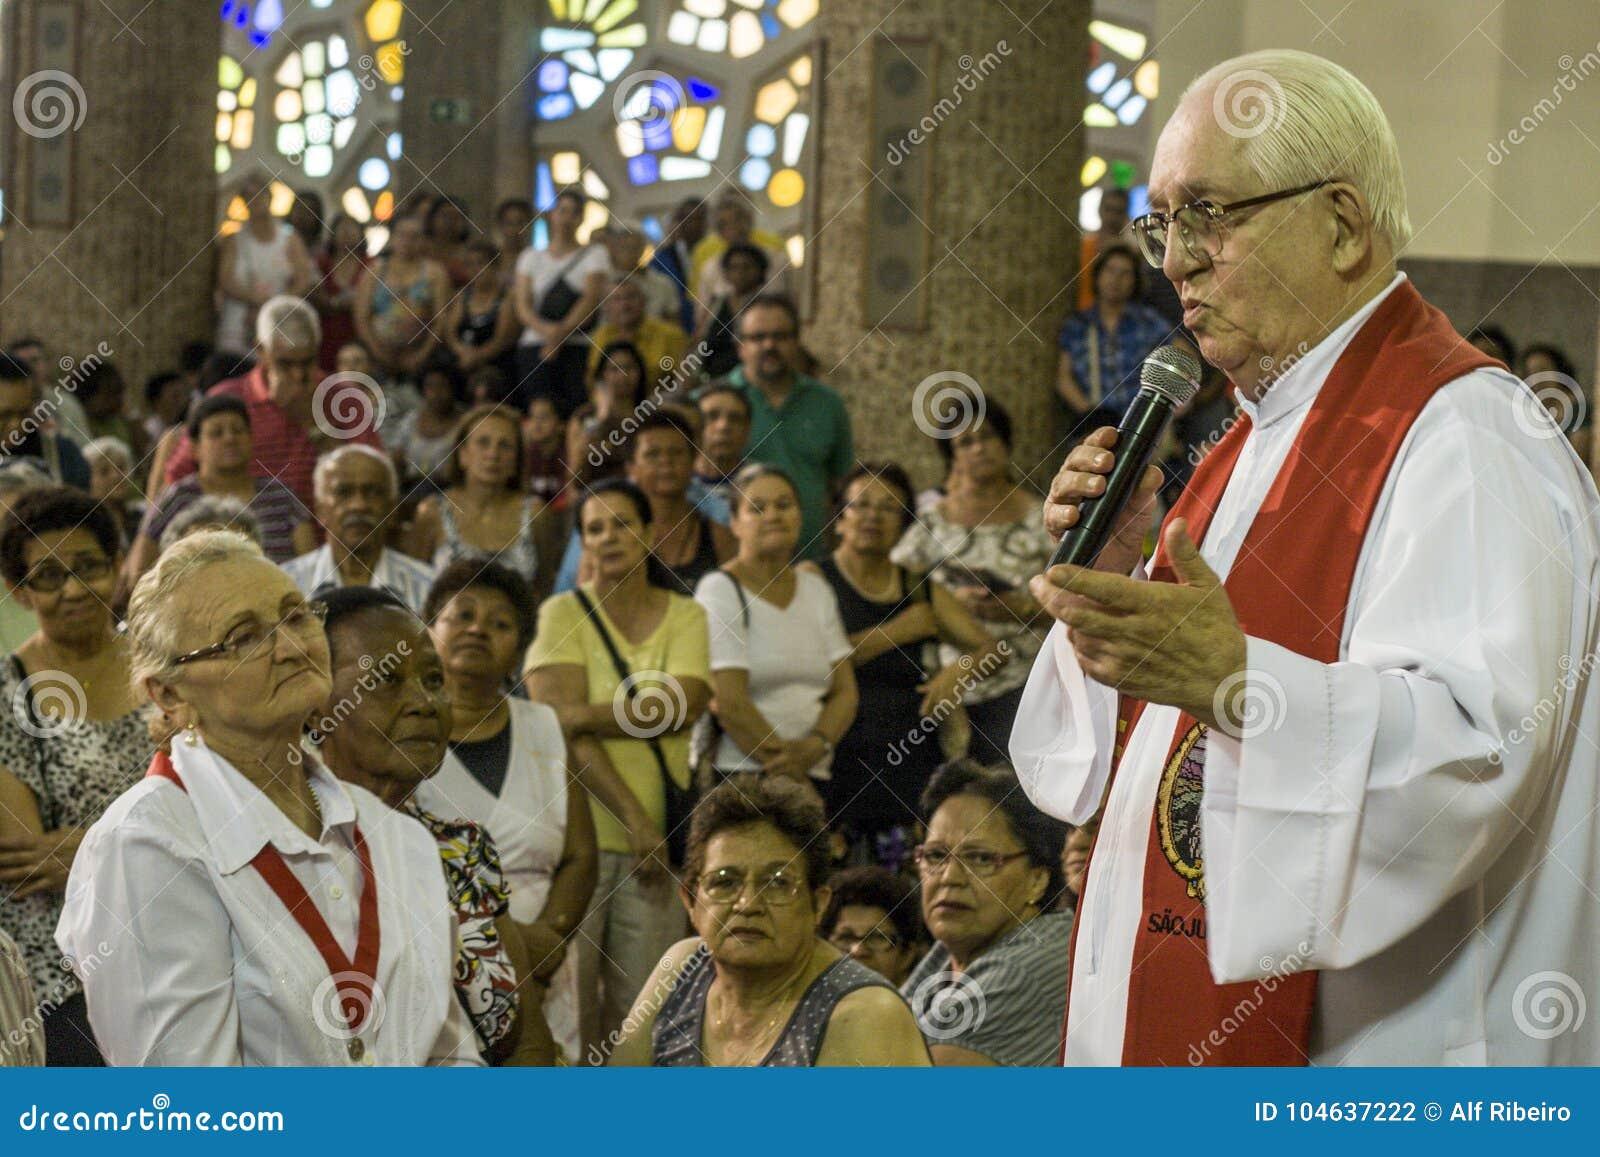 Download Katholieke Massa Ter Ere Van St Jude Day Redactionele Fotografie - Afbeelding bestaande uit bouw, christus: 104637222